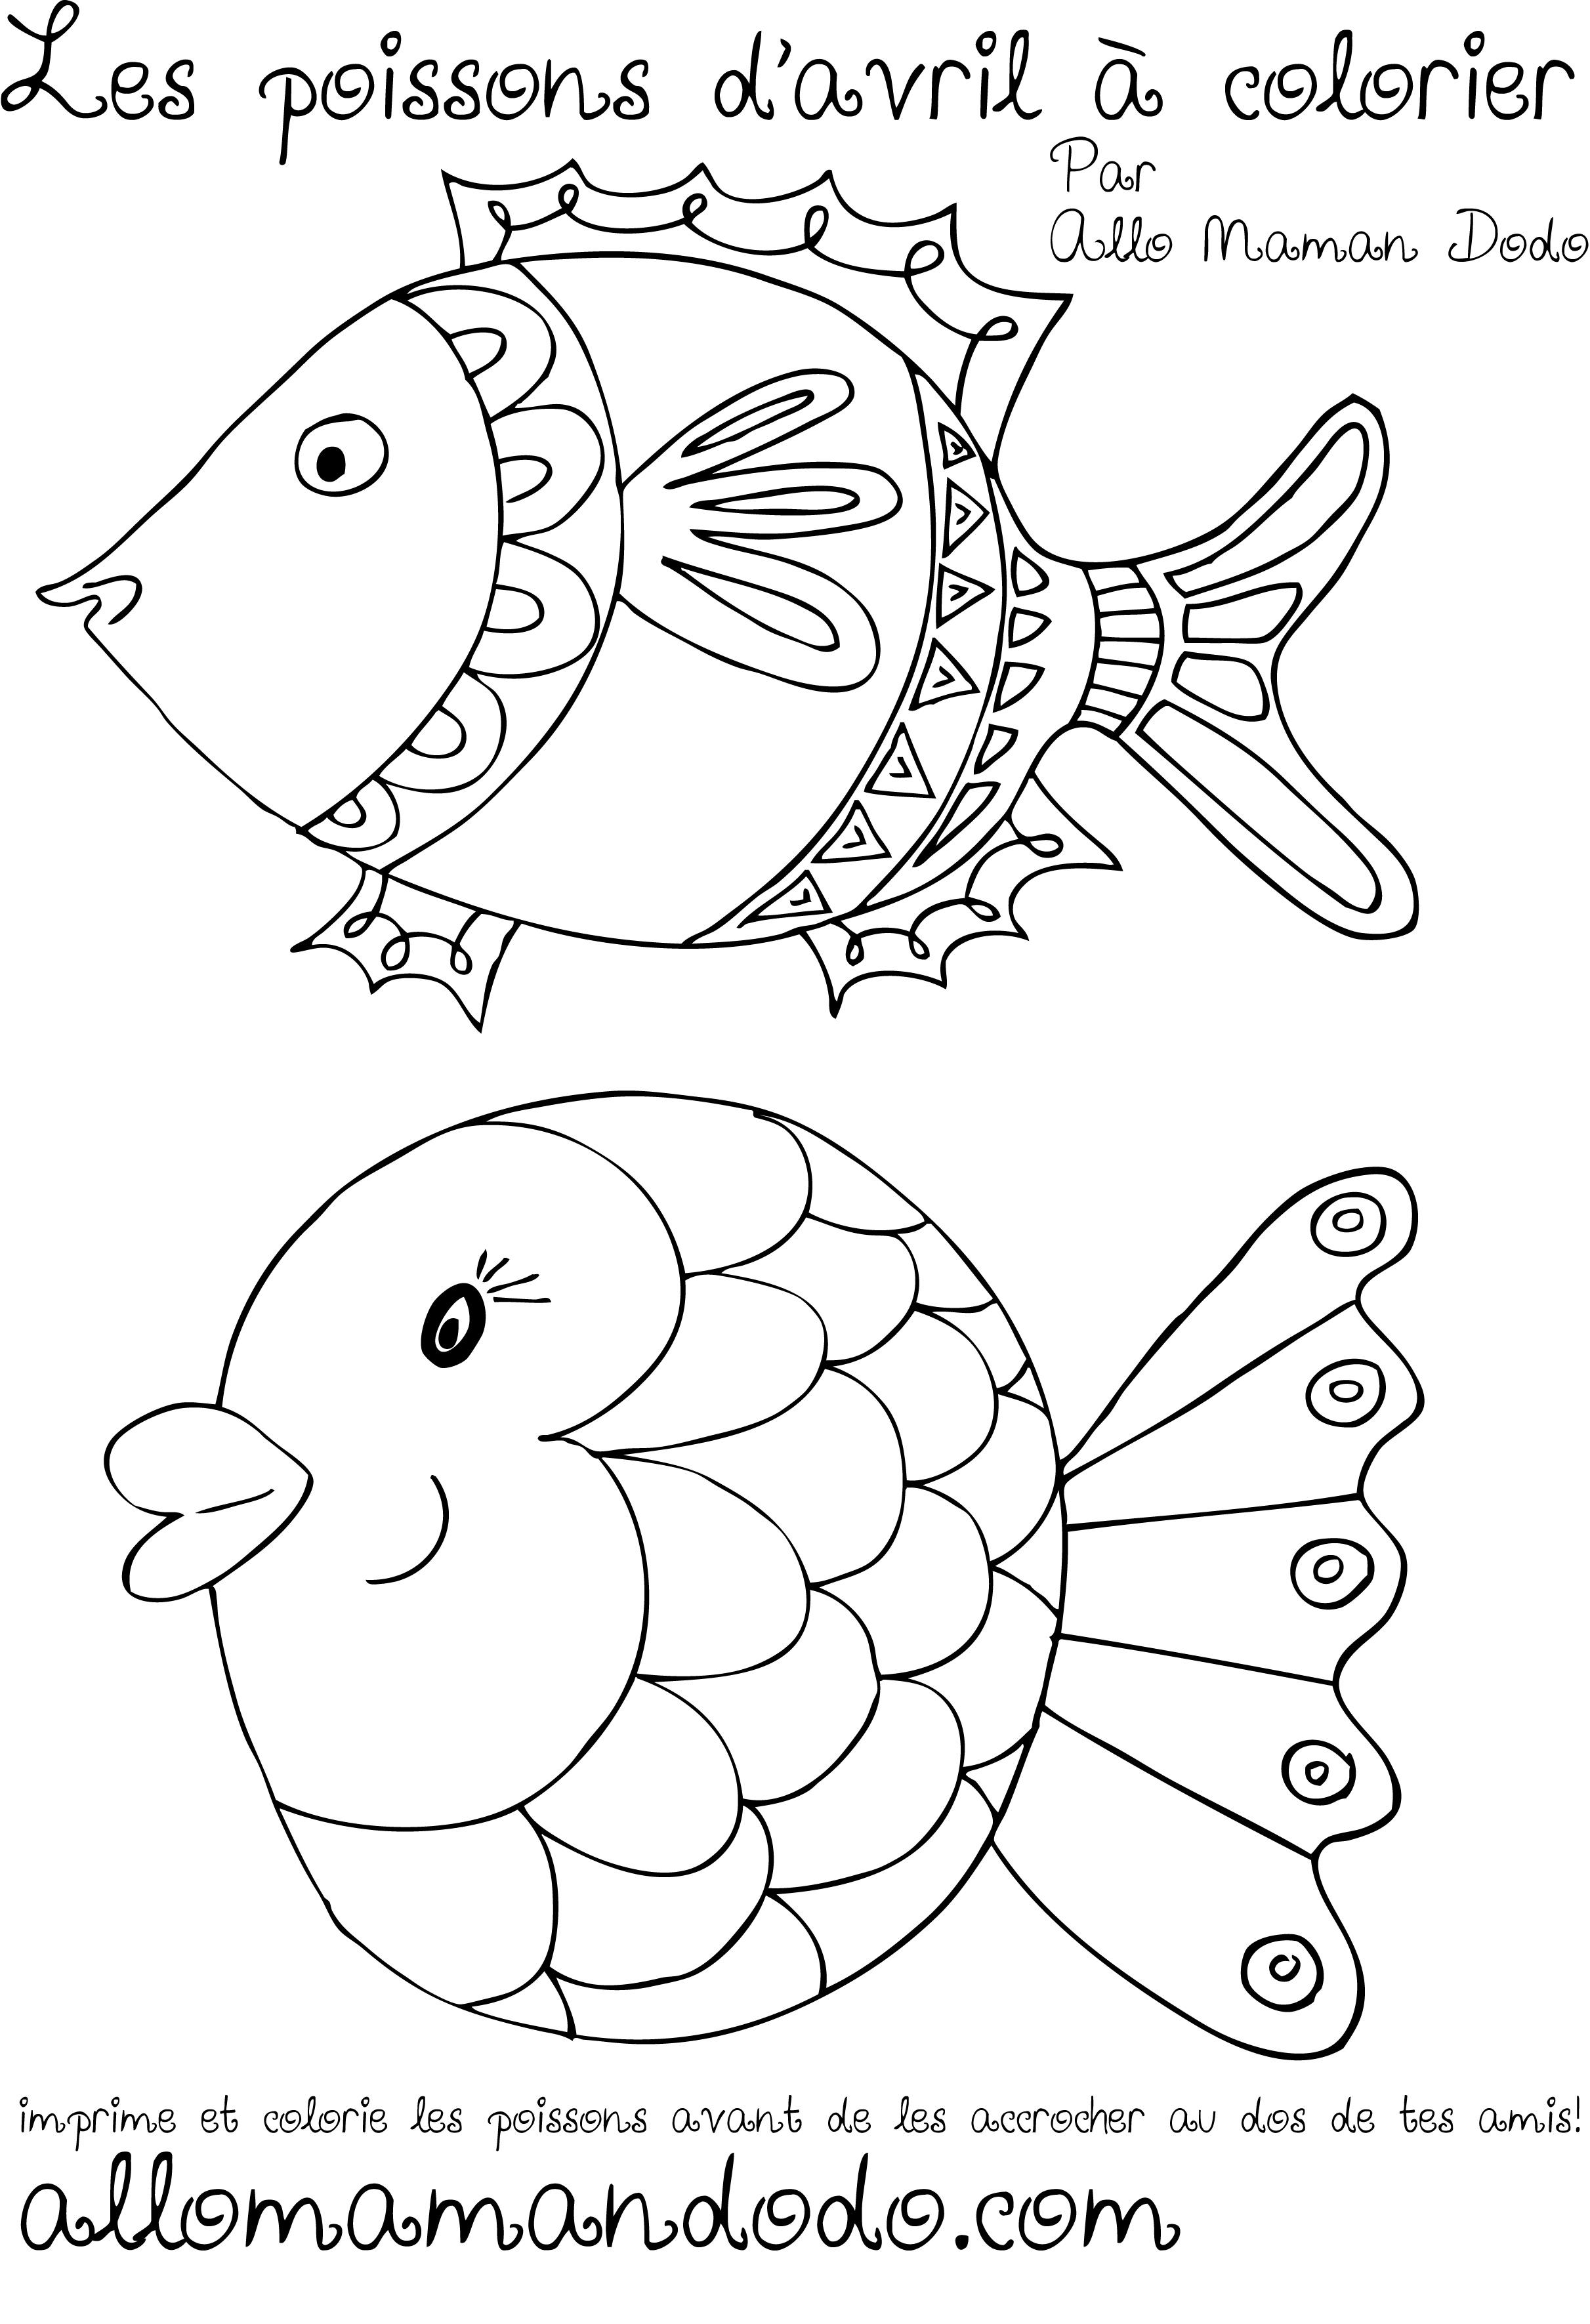 Des poissons imprimer colorier et accrocher poisson d 39 avril allo maman dodo - Dessin a colorier poisson d avril ...